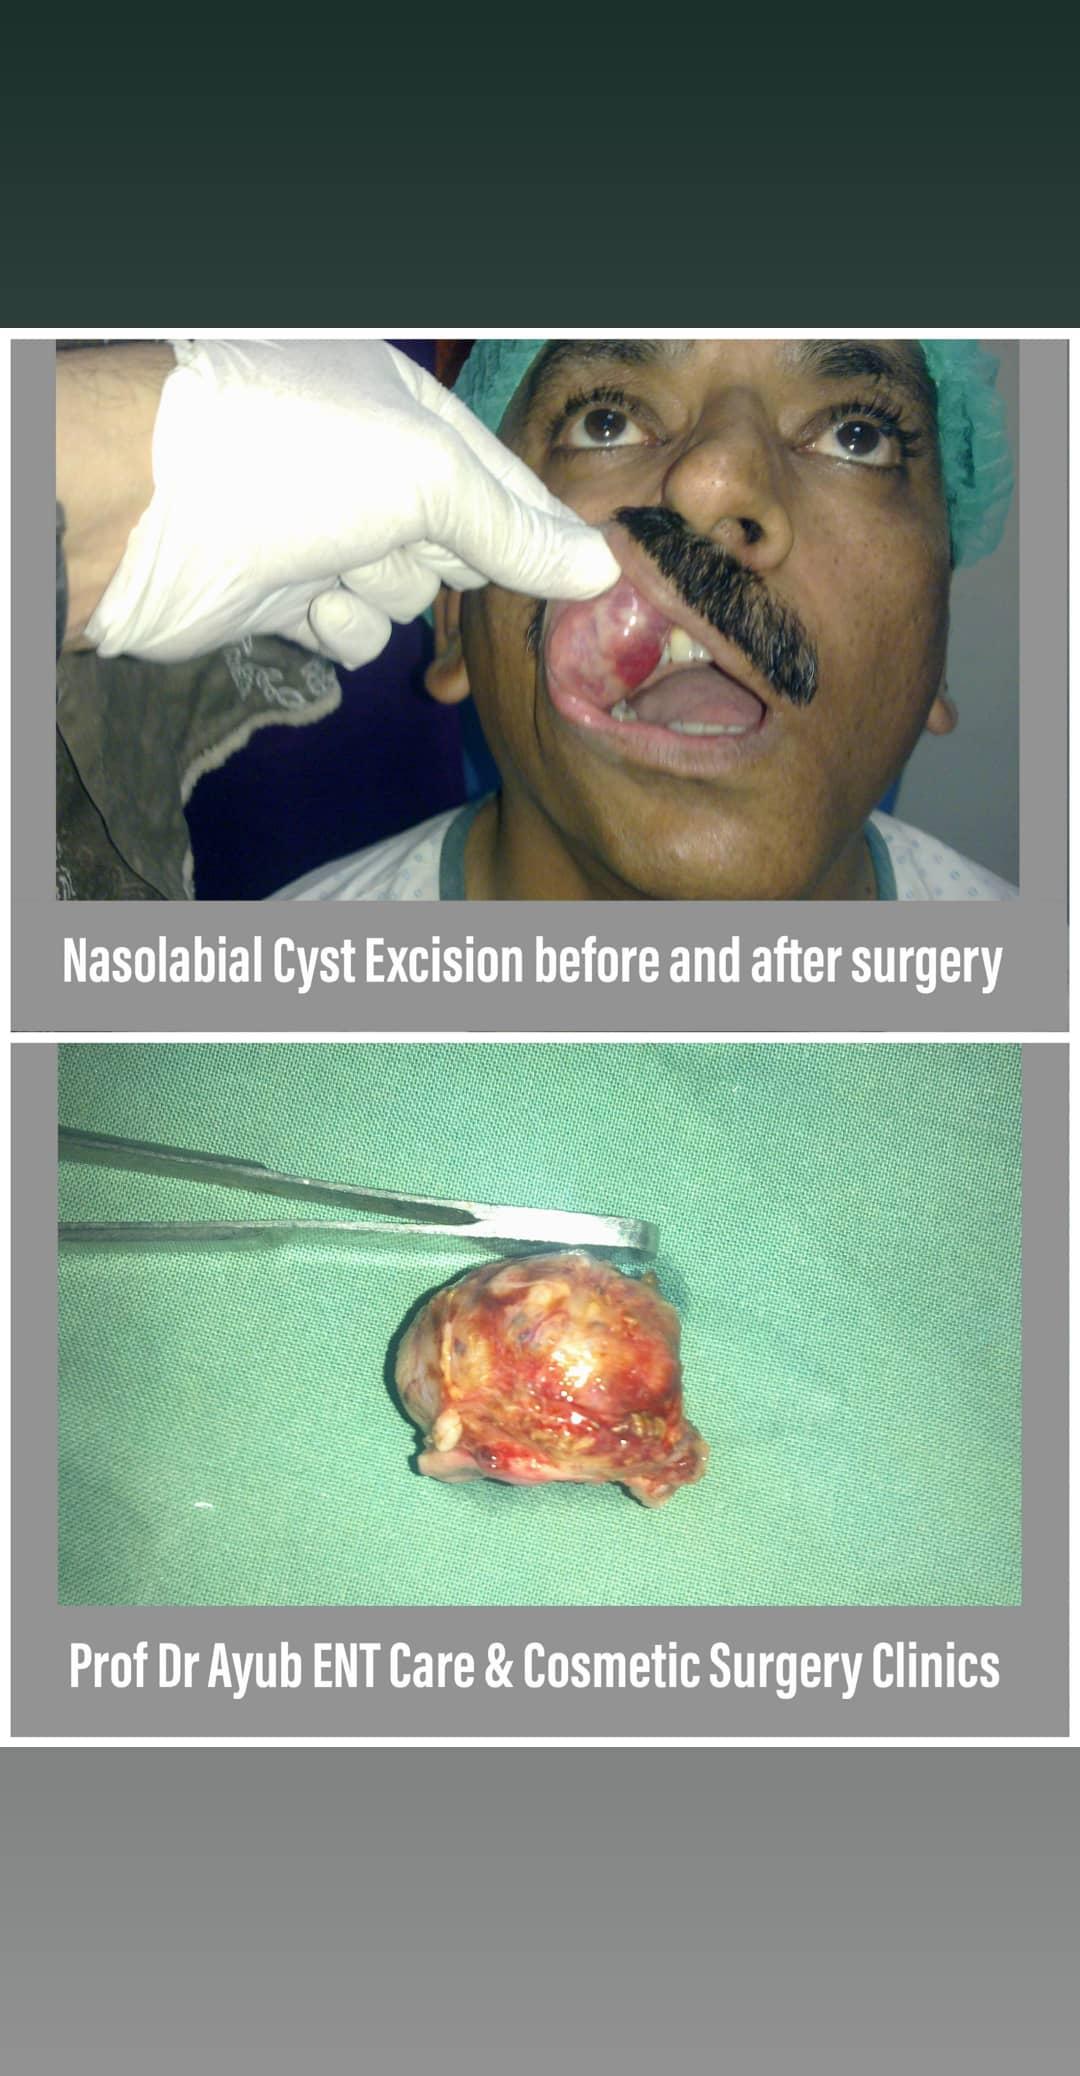 Prof. Dr. Ayub ENT Specialist